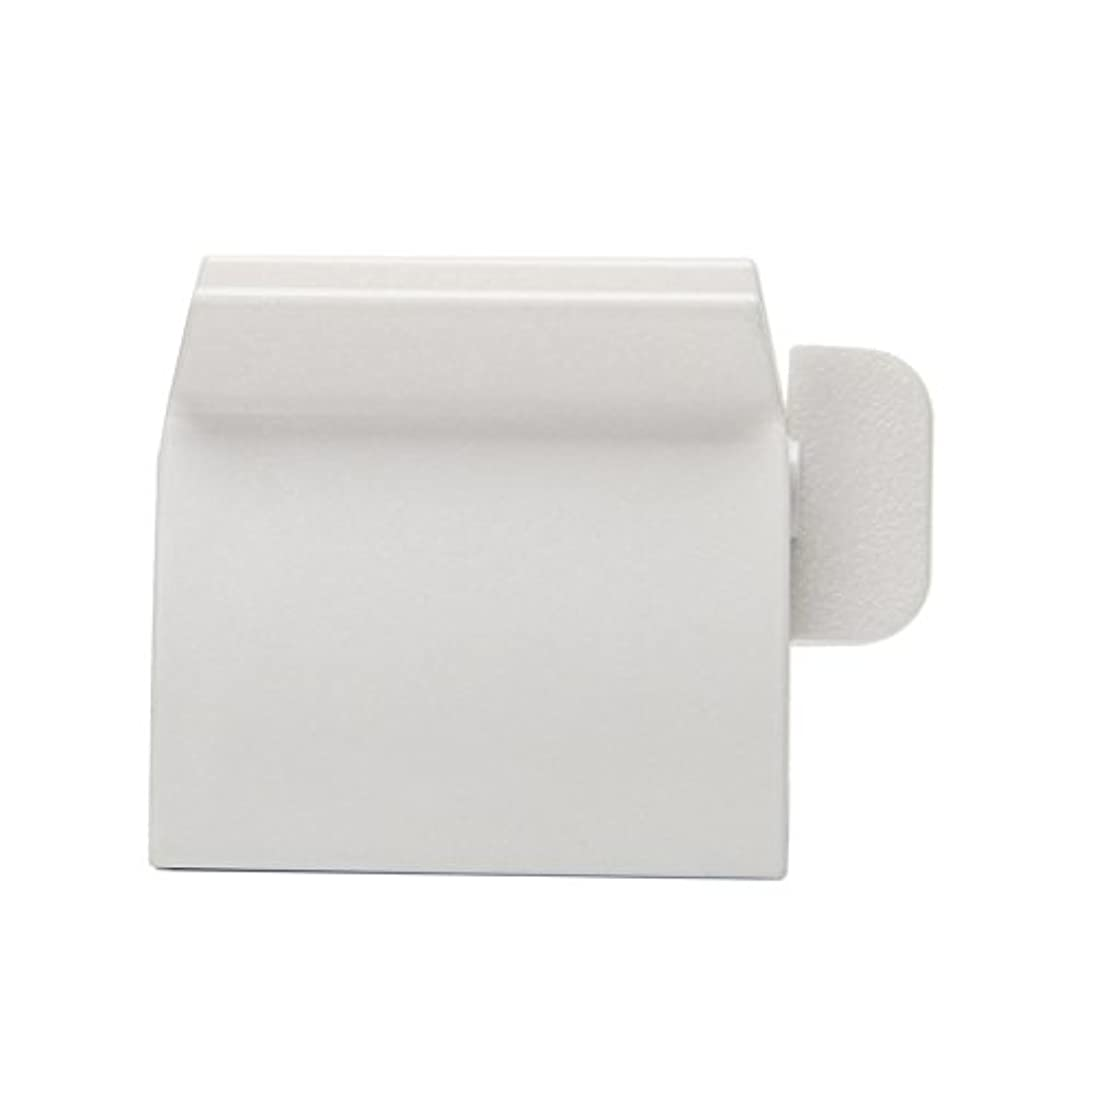 破壊するグラス制限するLamdoo浴室ホームチューブローリングホルダースクイーザ簡単歯磨き粉ディスペンサー